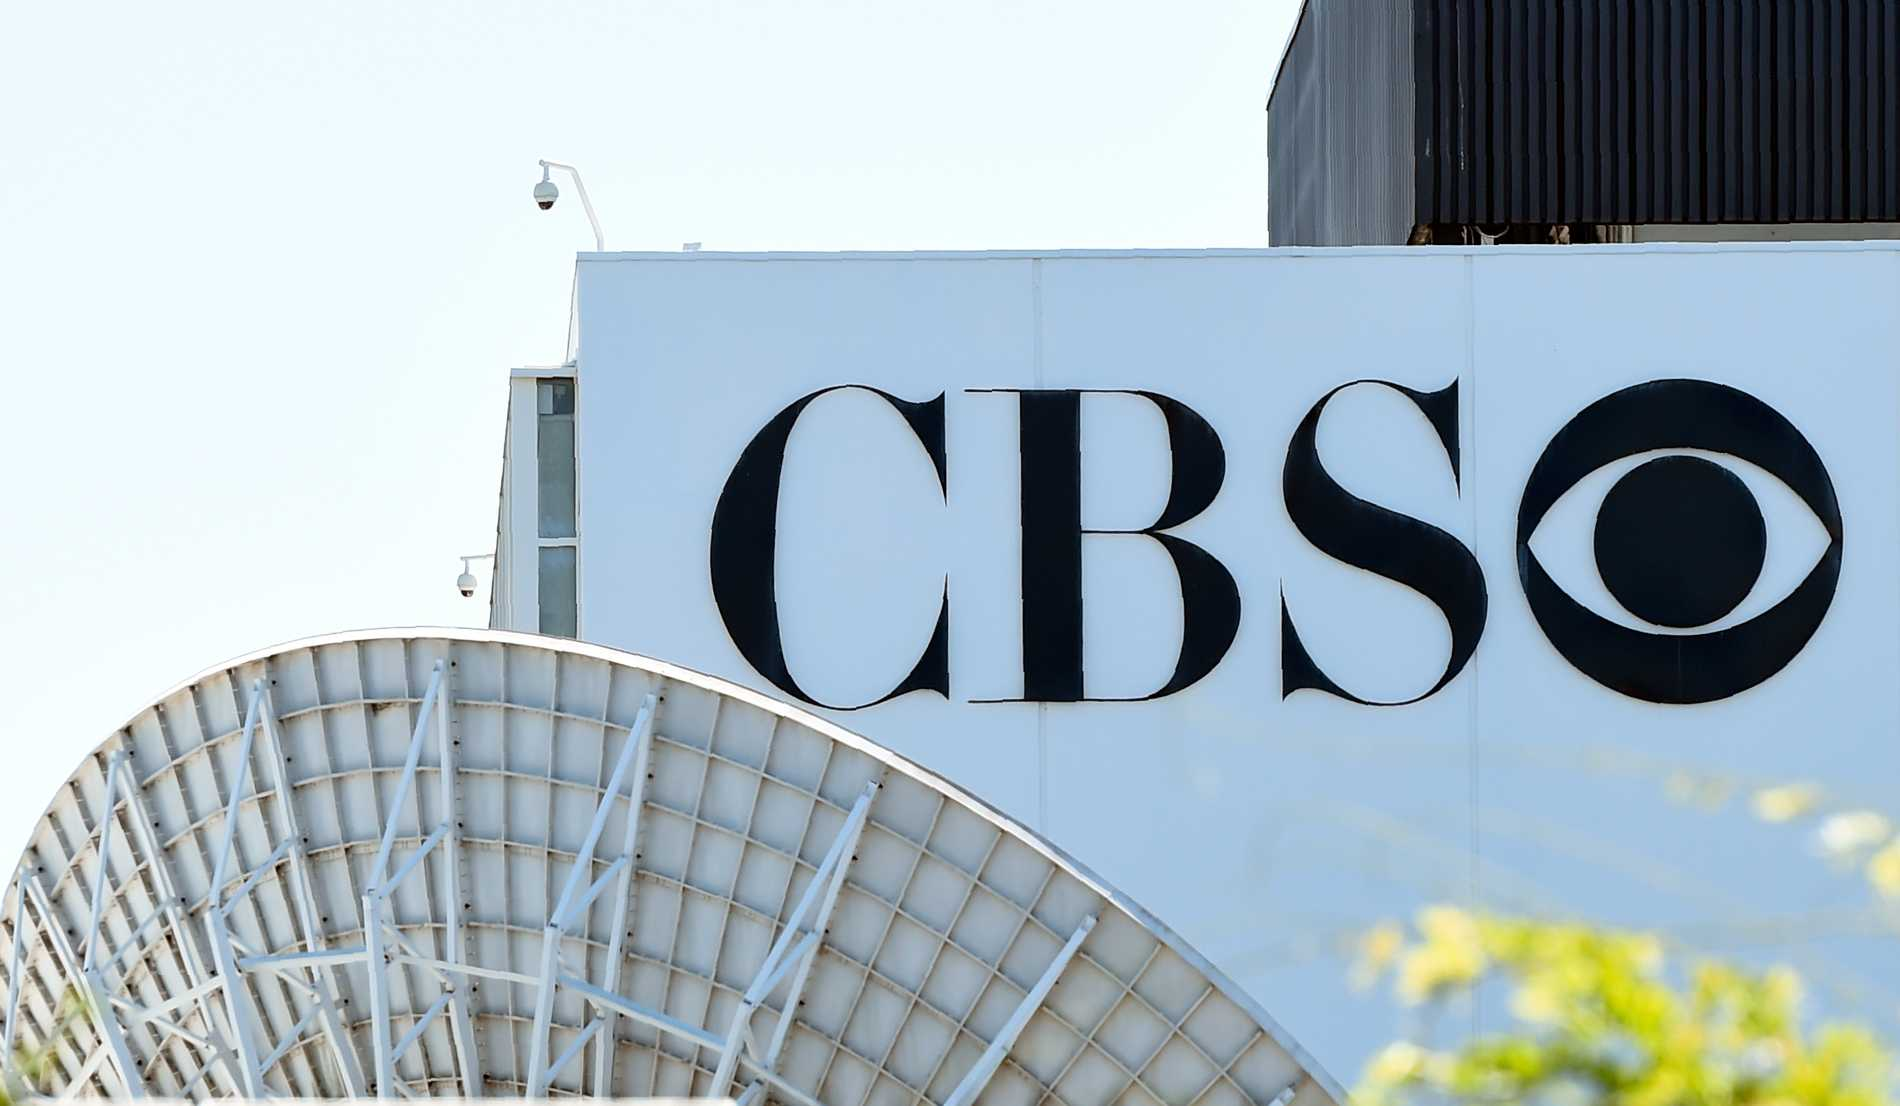 CBS-koncernen vill locka svenska tv-tittare. Arkivbild.